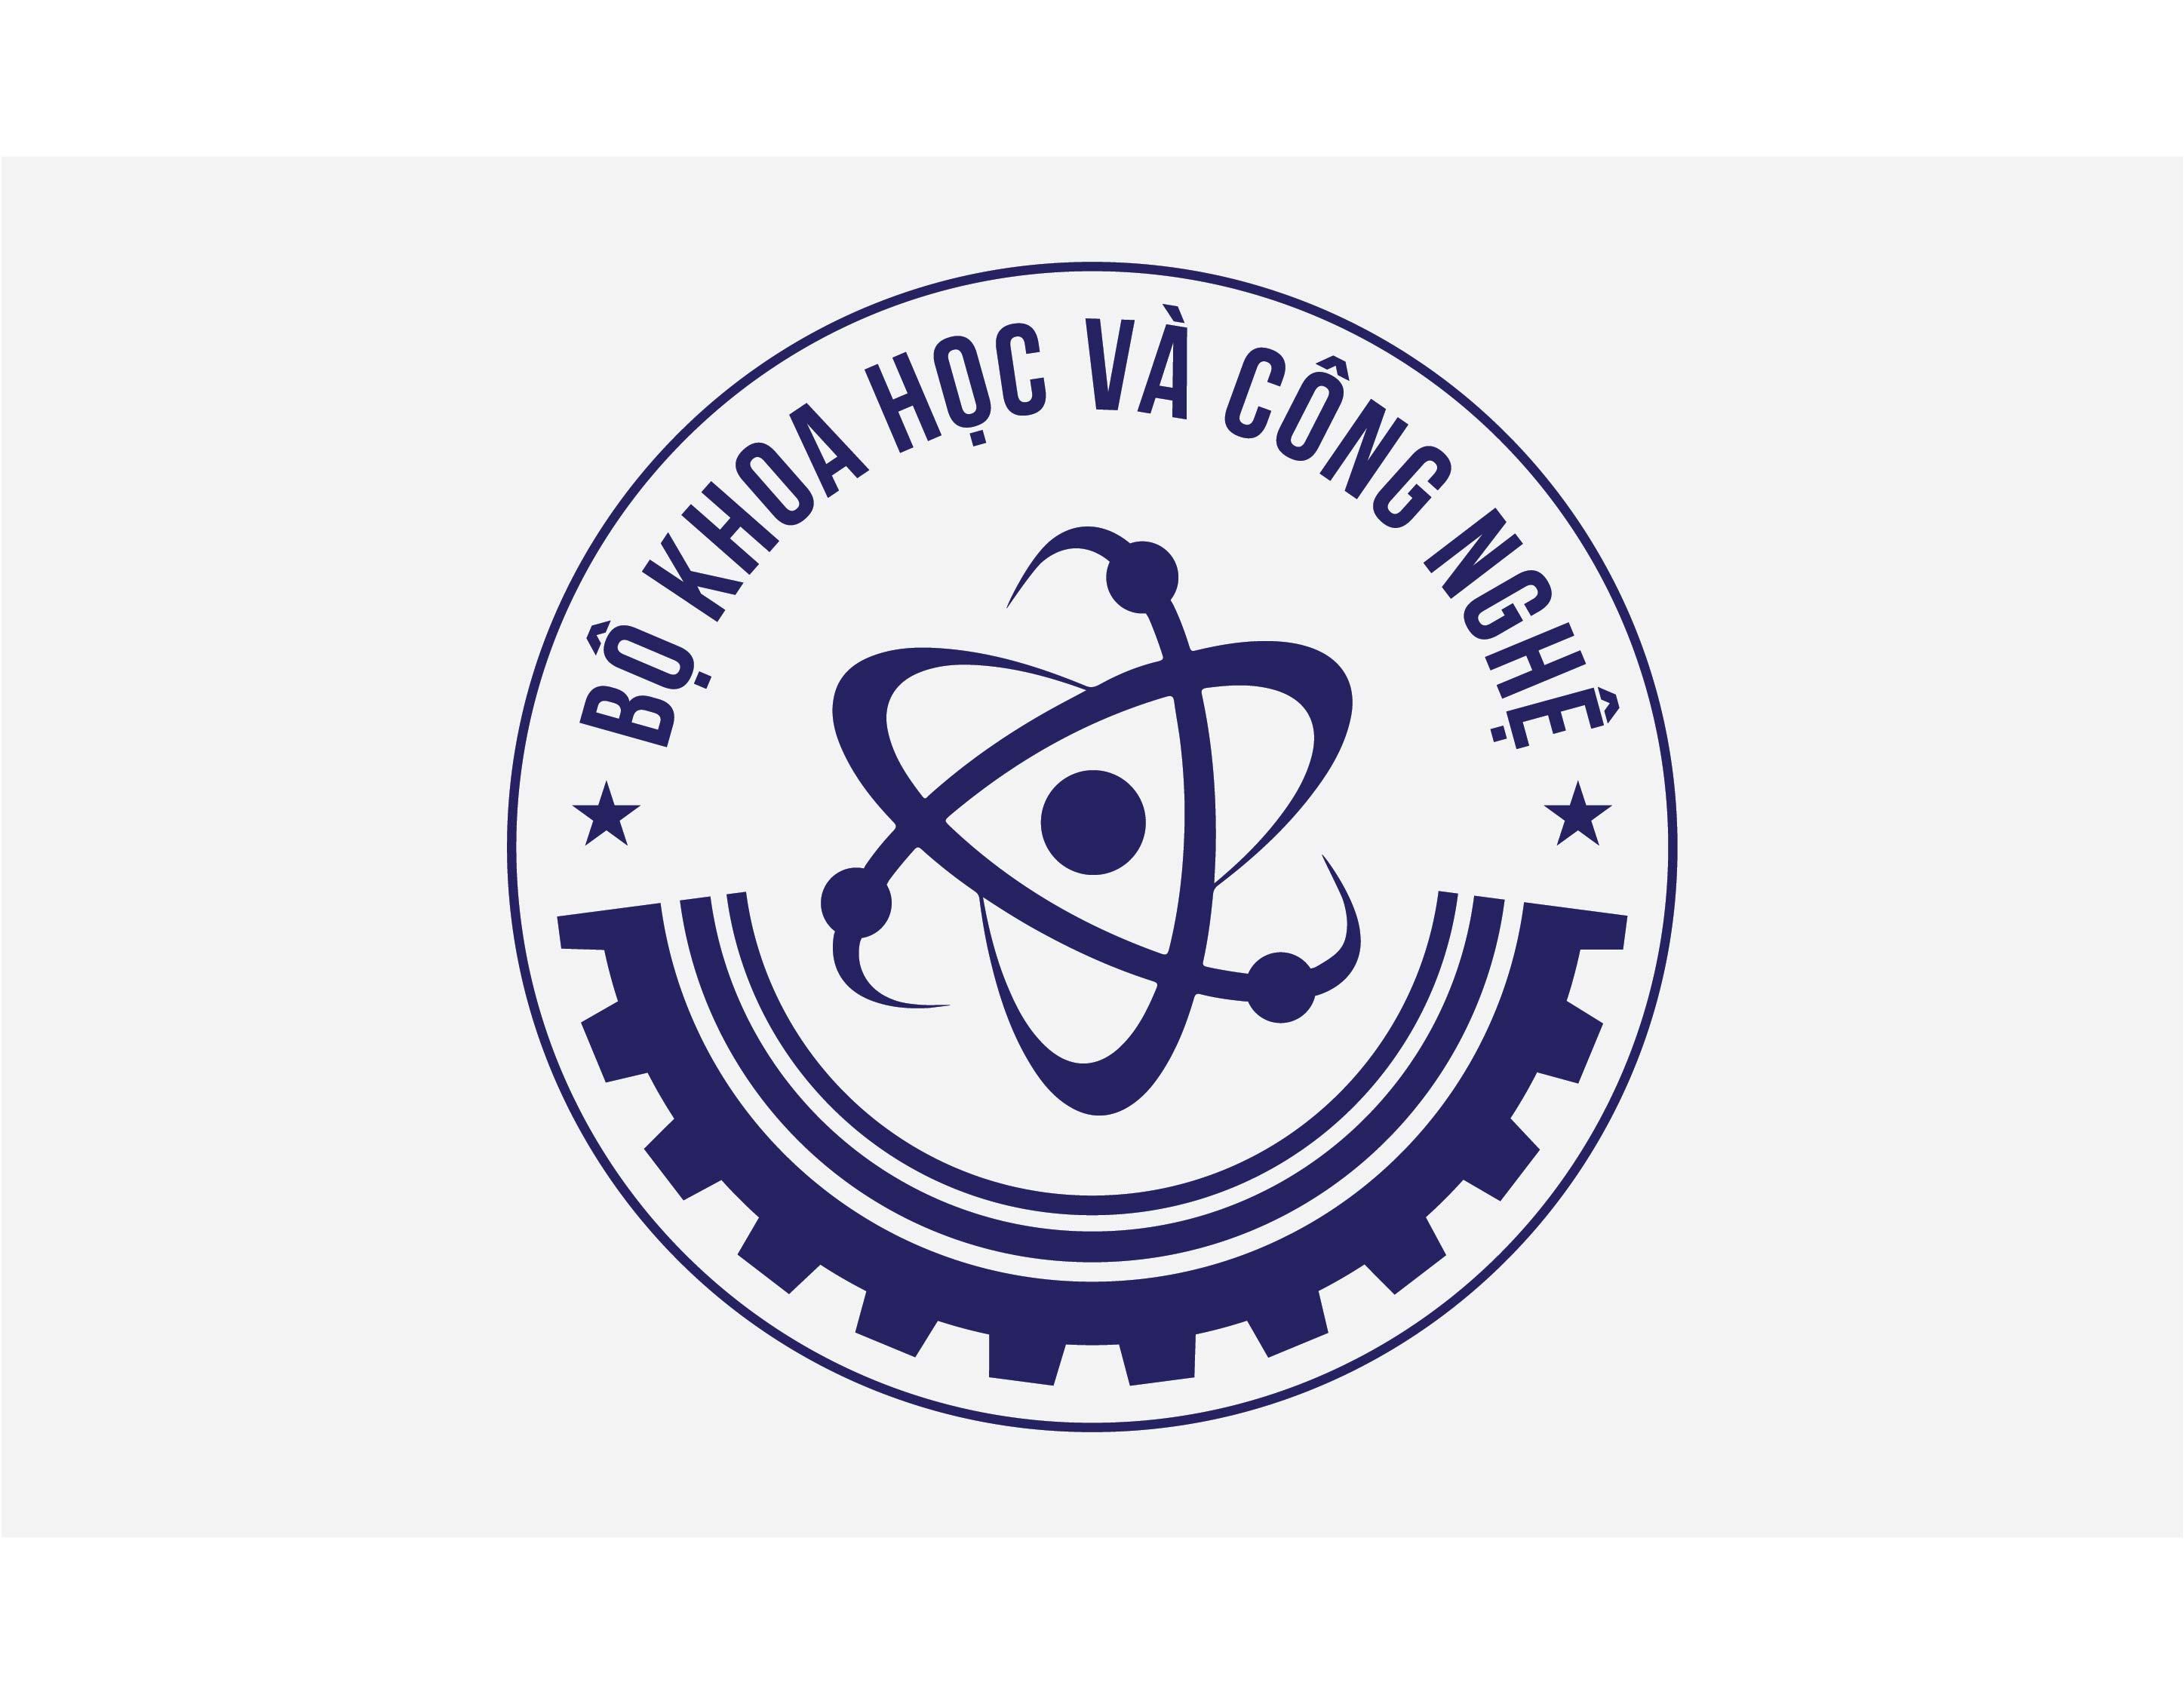 Logo Bộ Khoa học và Công nghệ vector – File: Ai, Eps, Pdf, Png